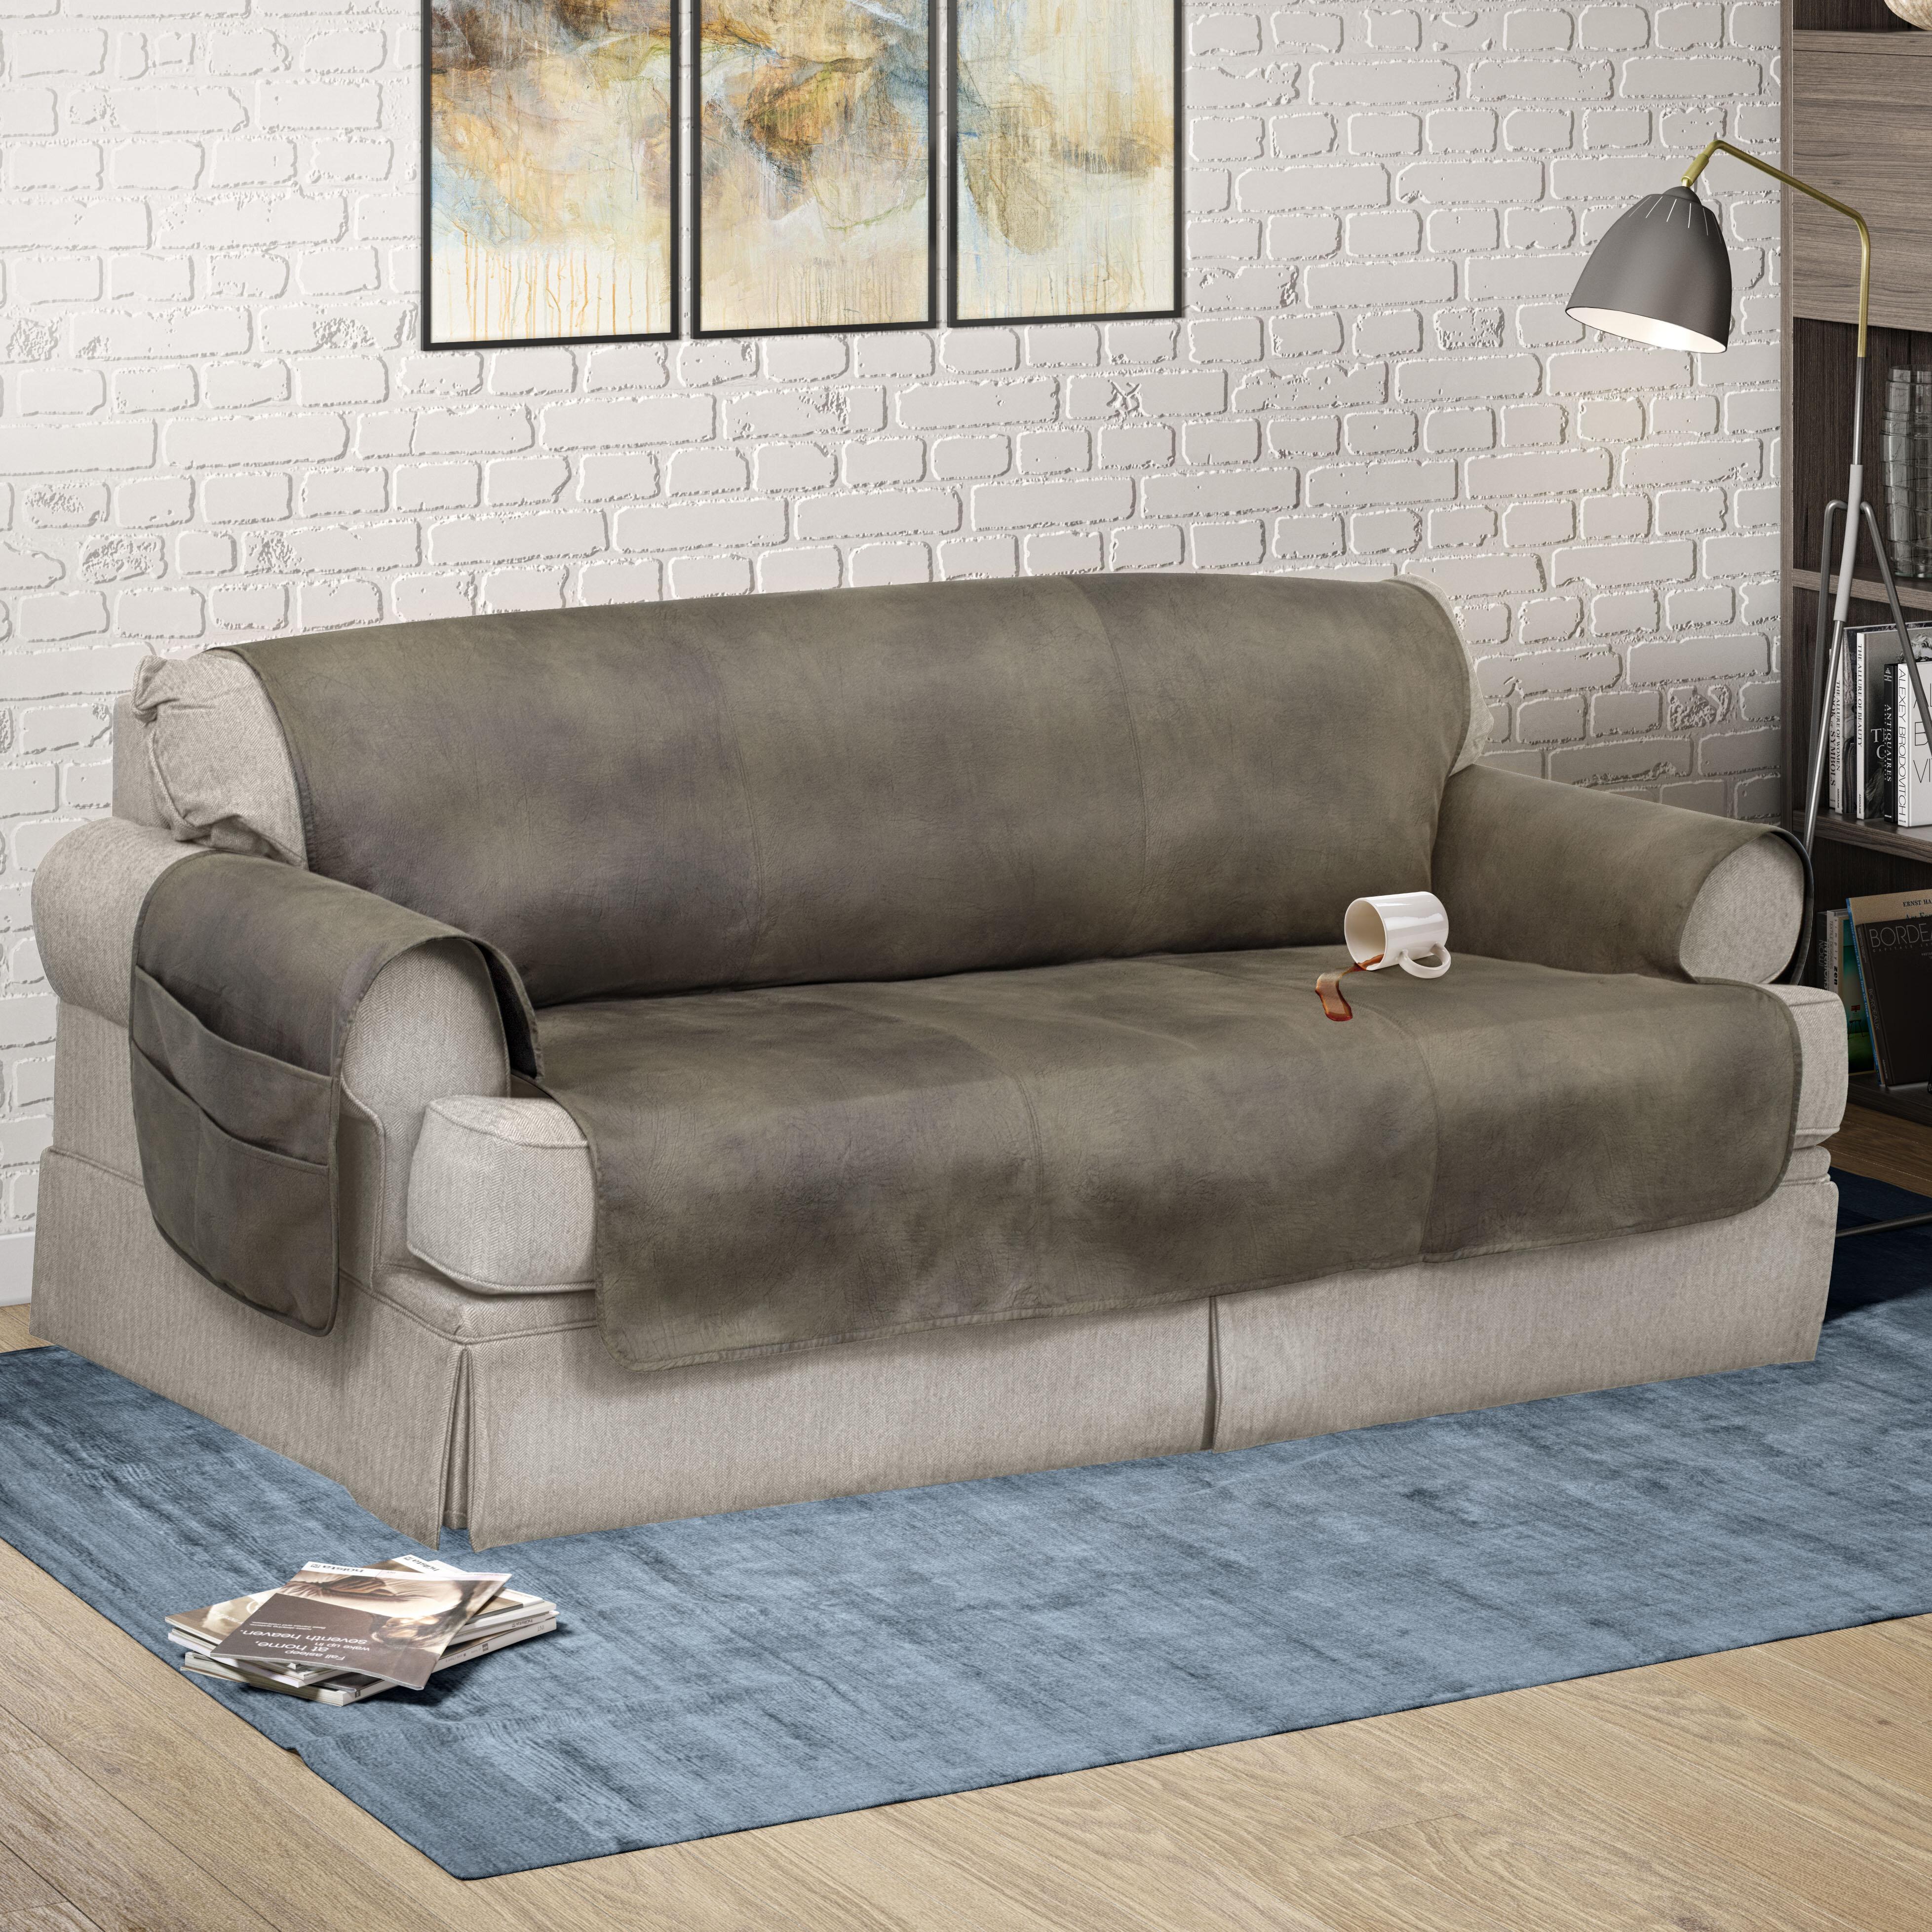 Serta Faux Leather Box Cushion Sofa